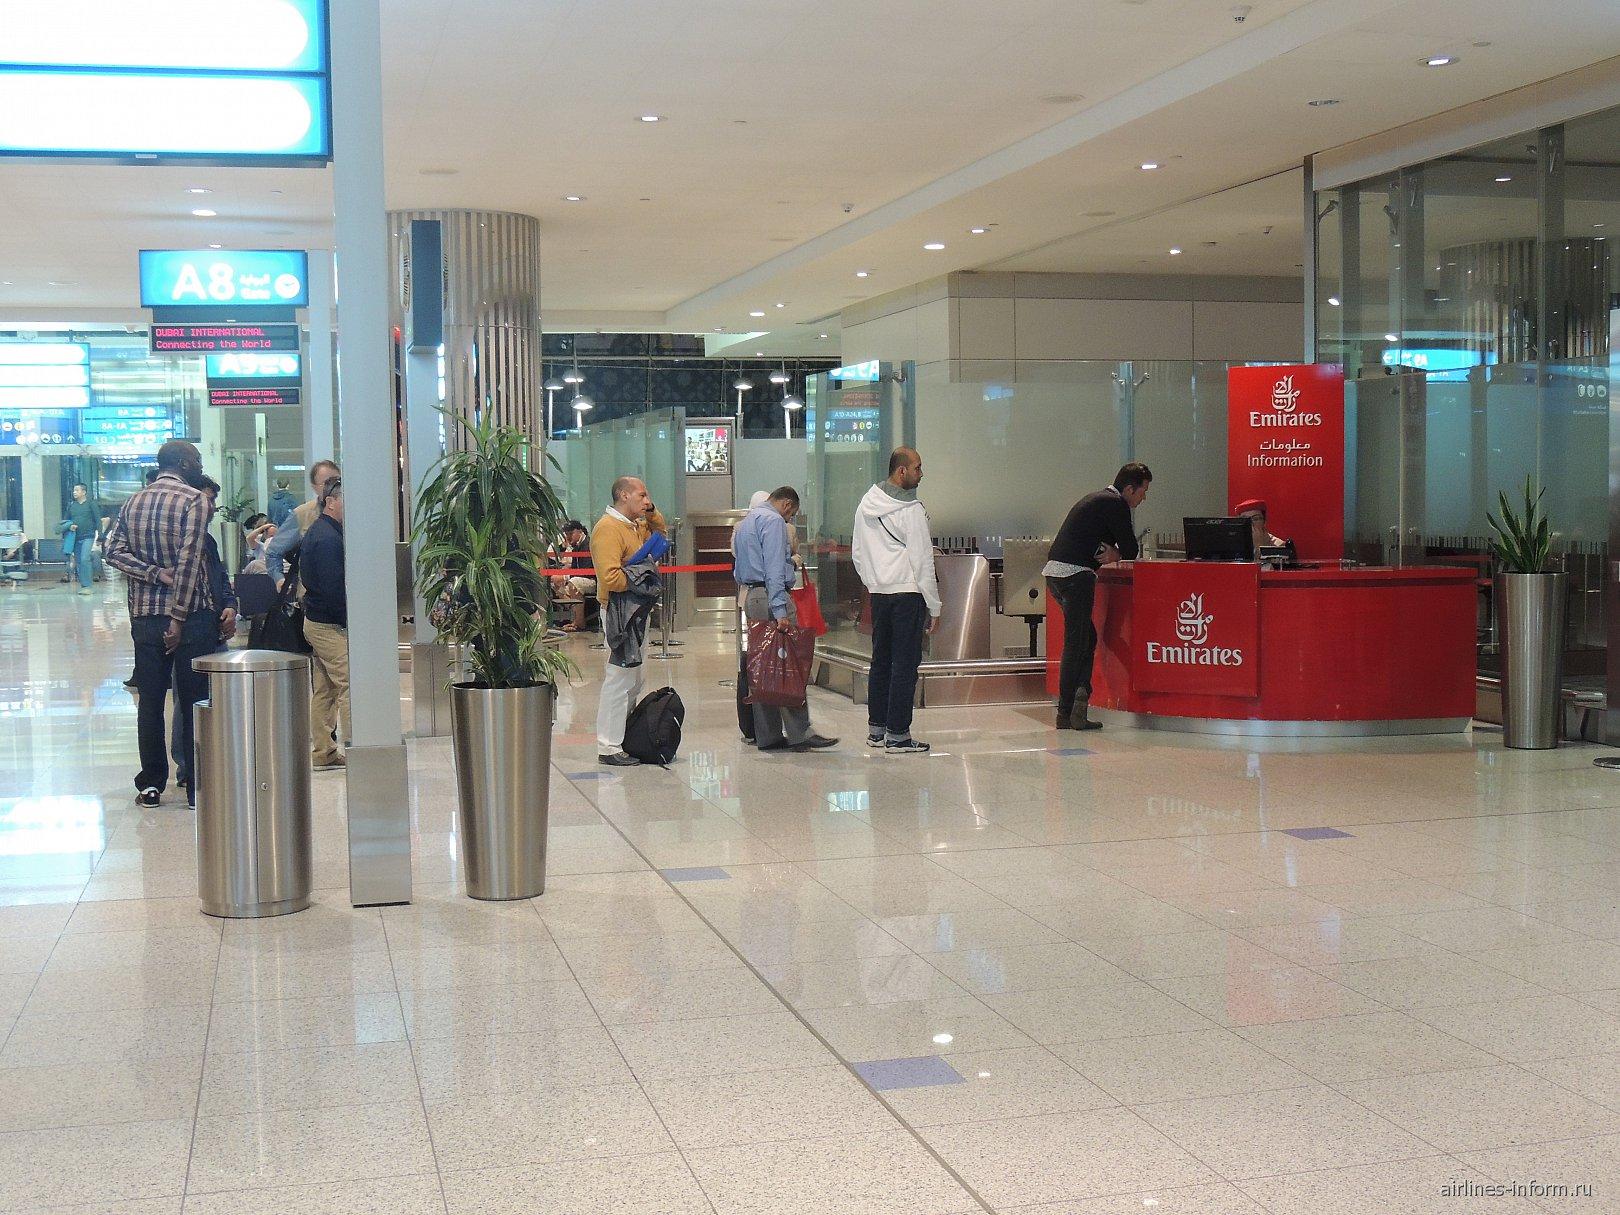 Информационная стойка Emirates в терминале 3 аэропорта Дубай